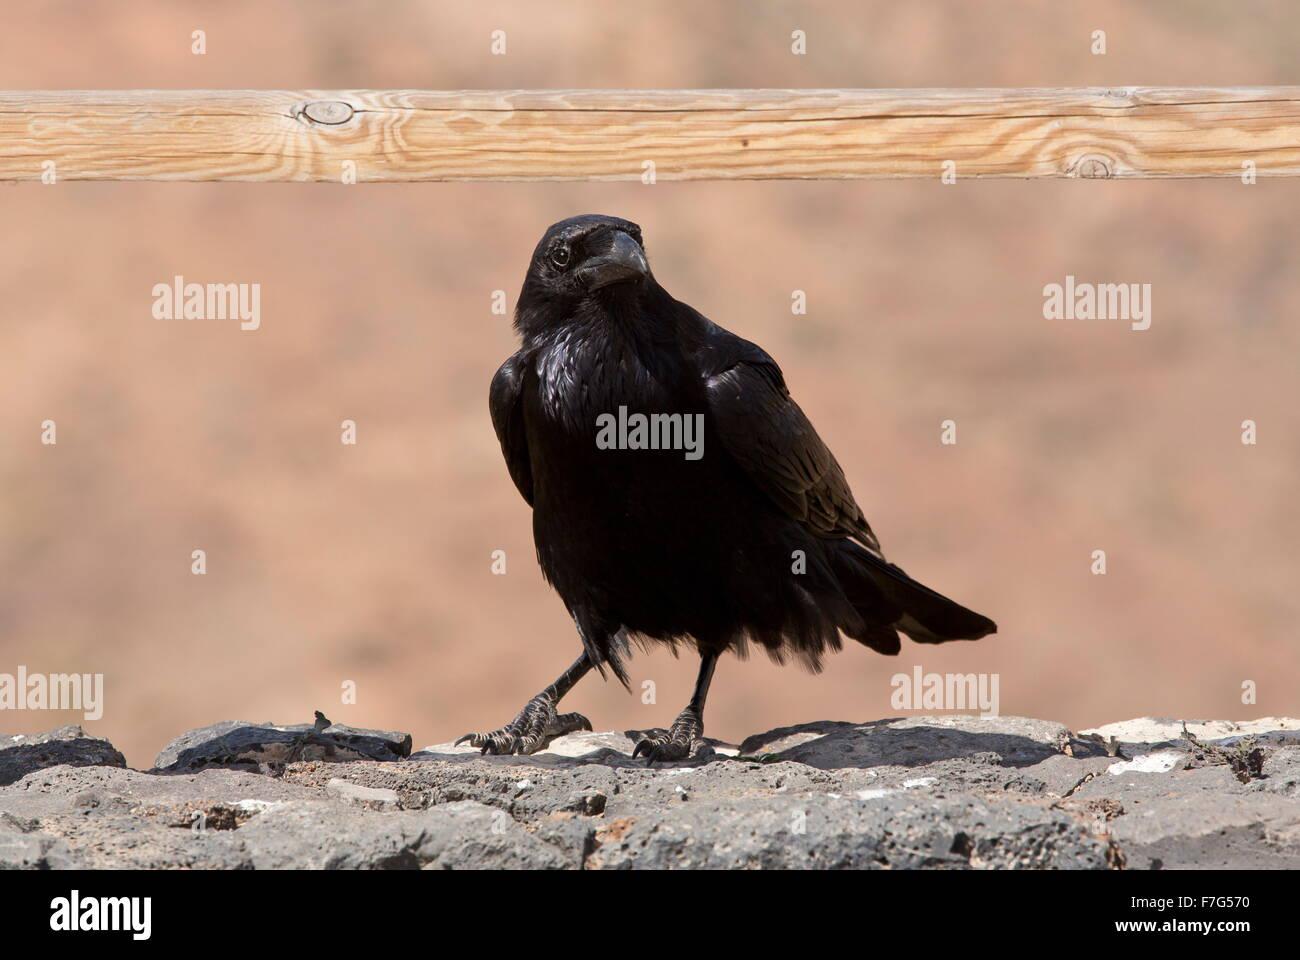 Canaries/North African subspecies of Raven, Corvus corax tingitanus, Fuerteventura - Stock Image